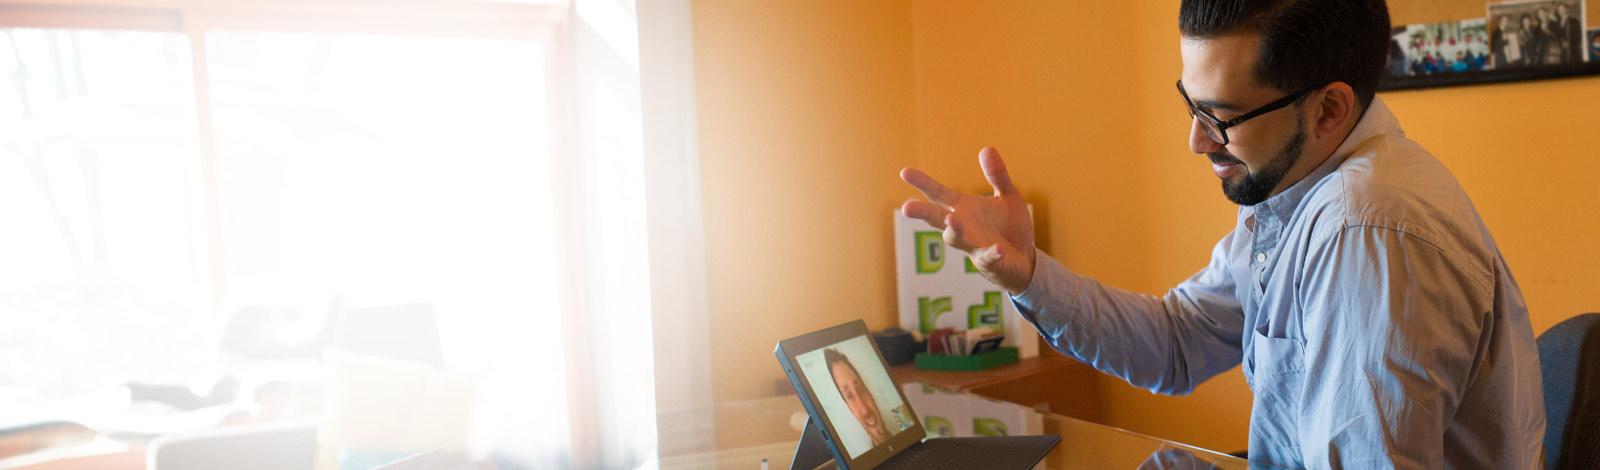 Pöydän ääressä istuva mies videoneuvottelussa tablettia ja Office 365:tä käyttäen